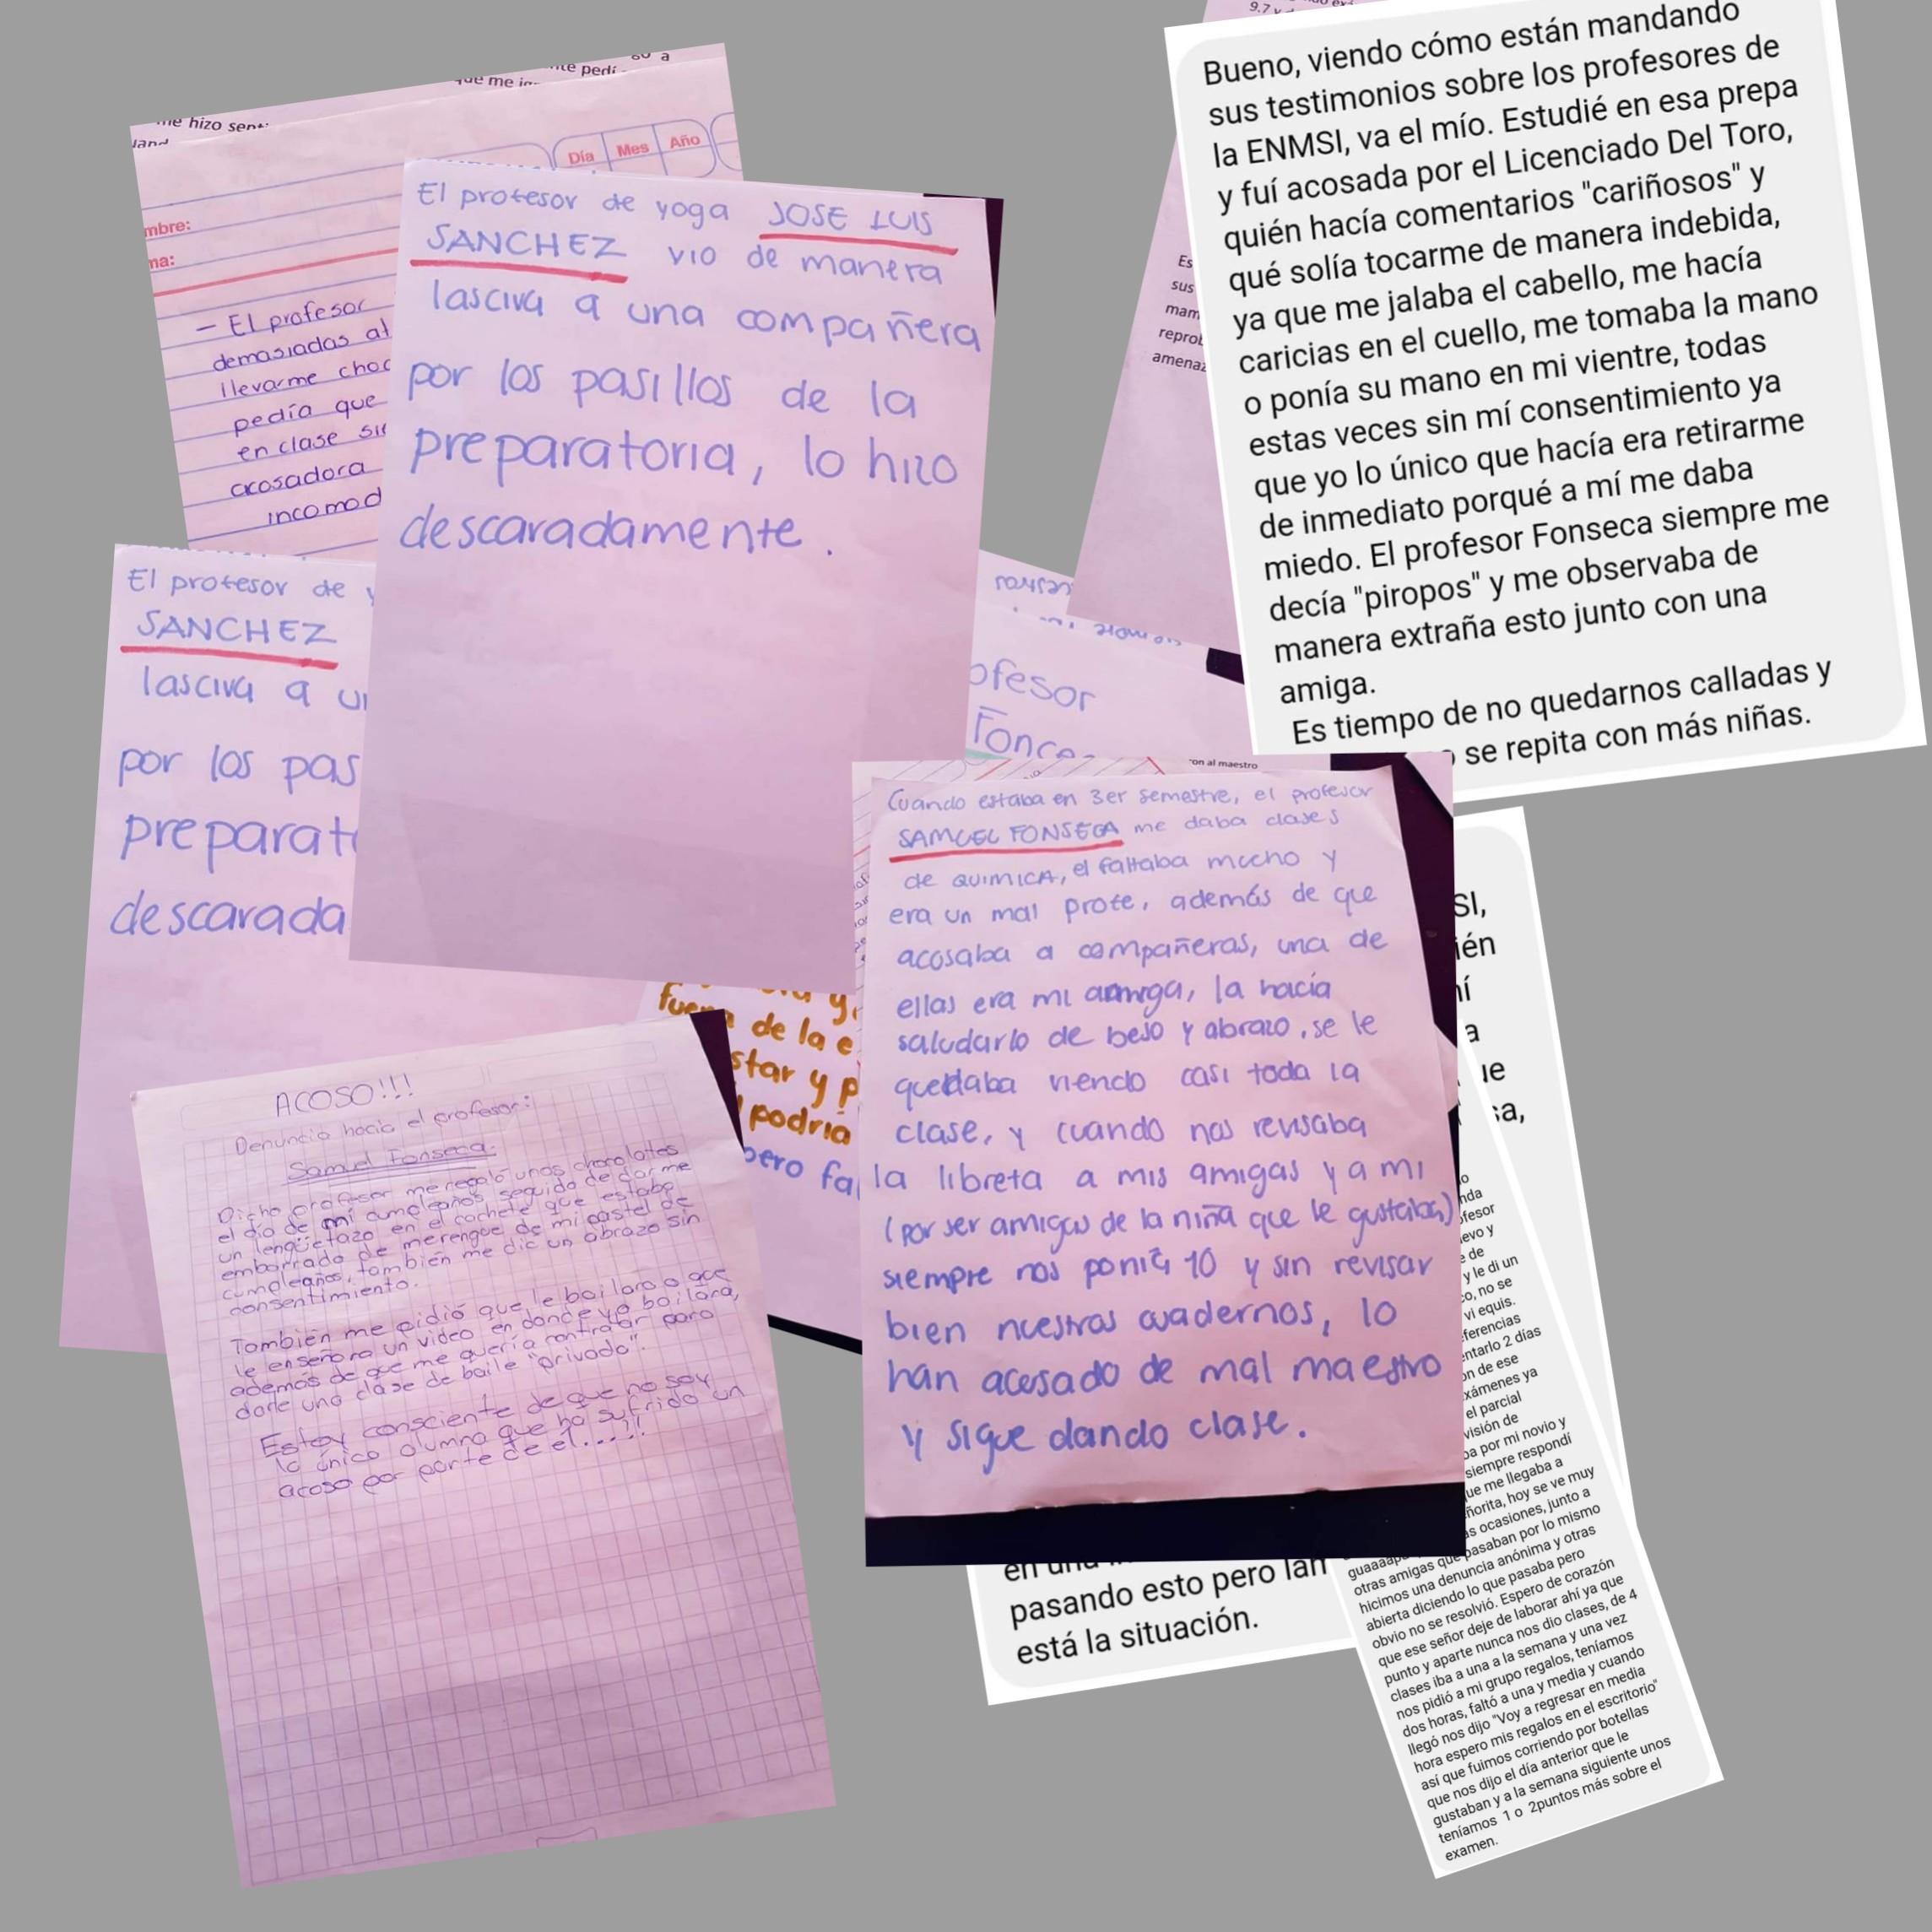 INTERVIENE DEFENSORÍA DE DERECHOS HUMANOS DE LA UG, EN DENUNCIA DE ACOSO EN ENMSI. 3